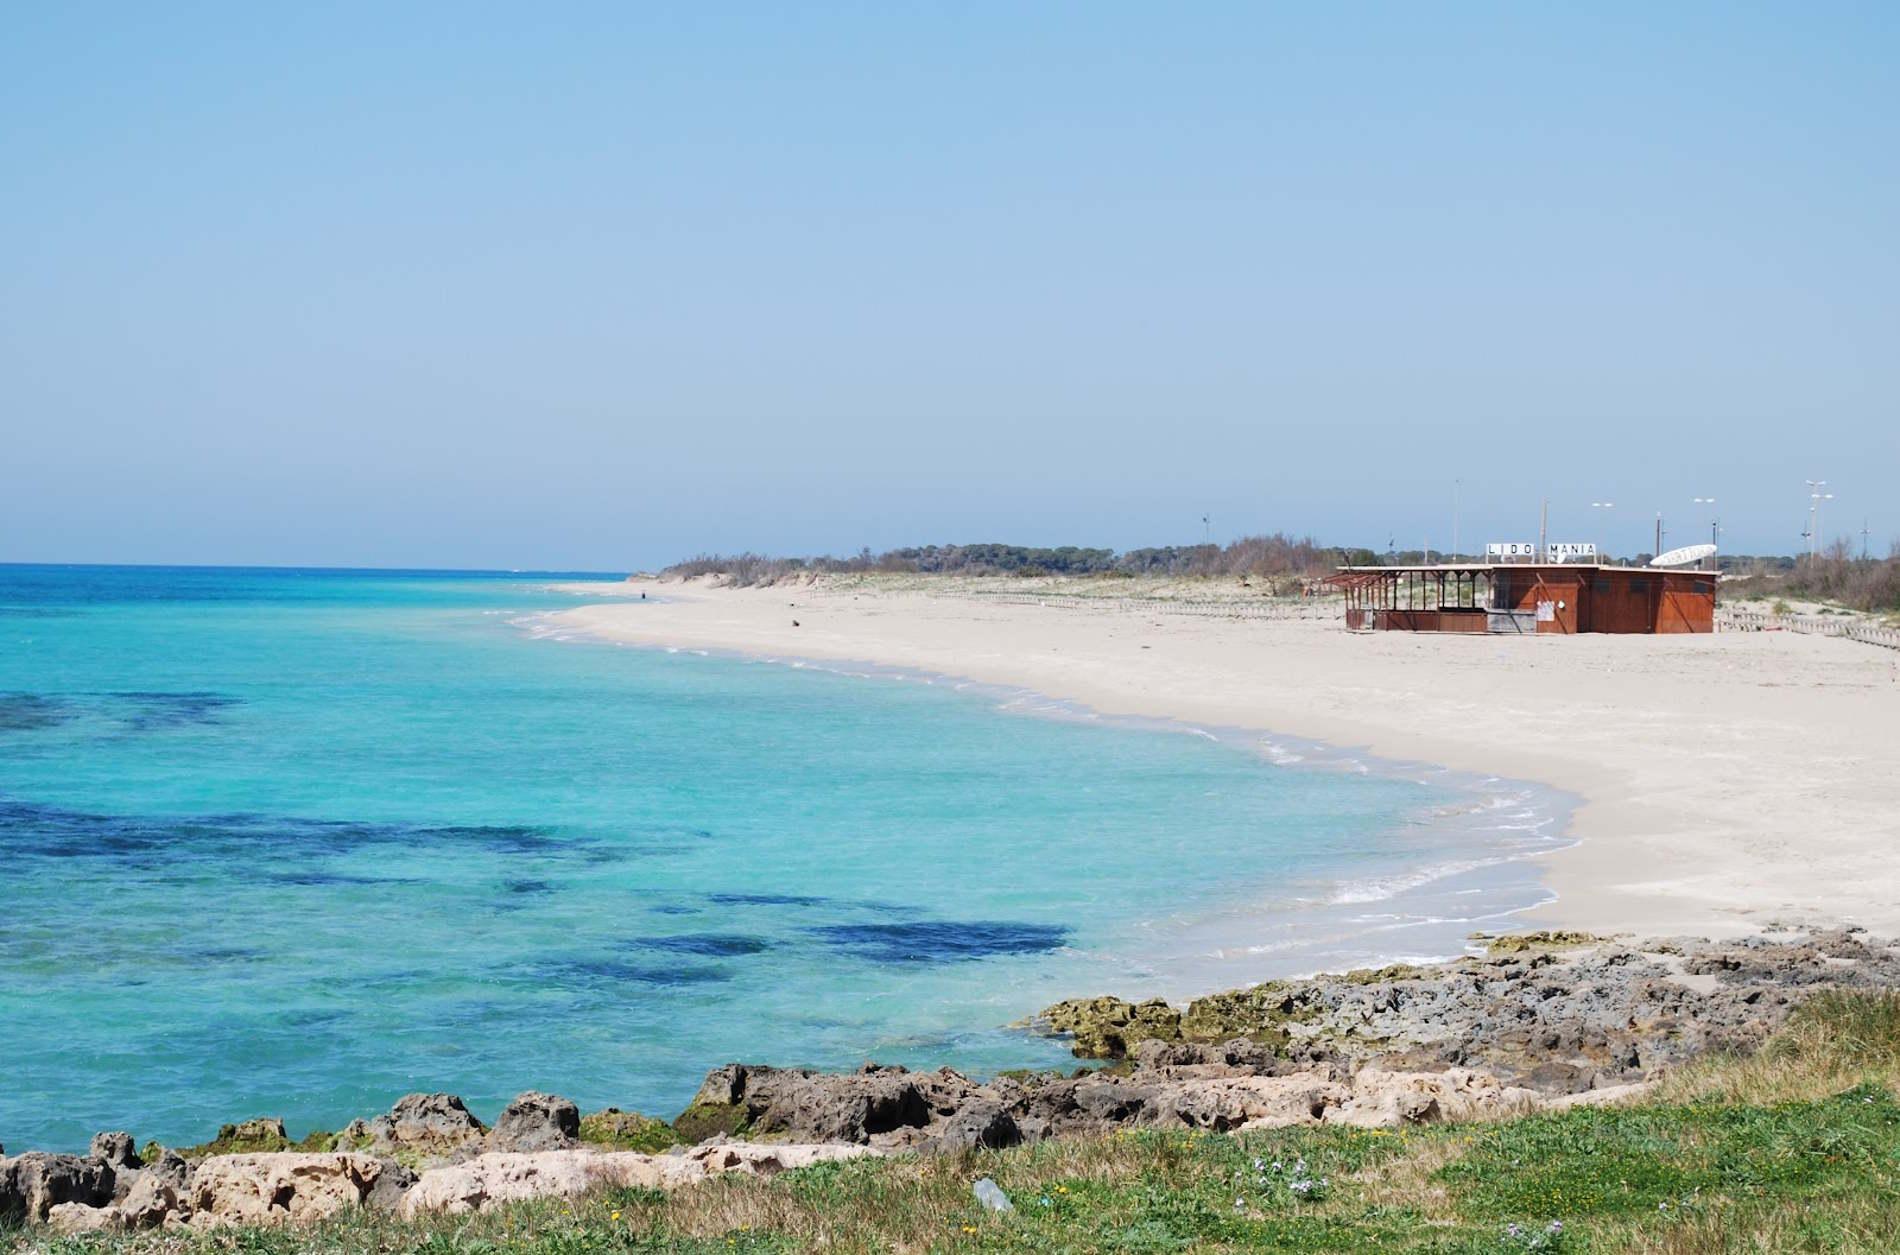 La Spiaggia di Marina di Pescoluse nel Salento in Puglia. spiagge più Belle d'Italia